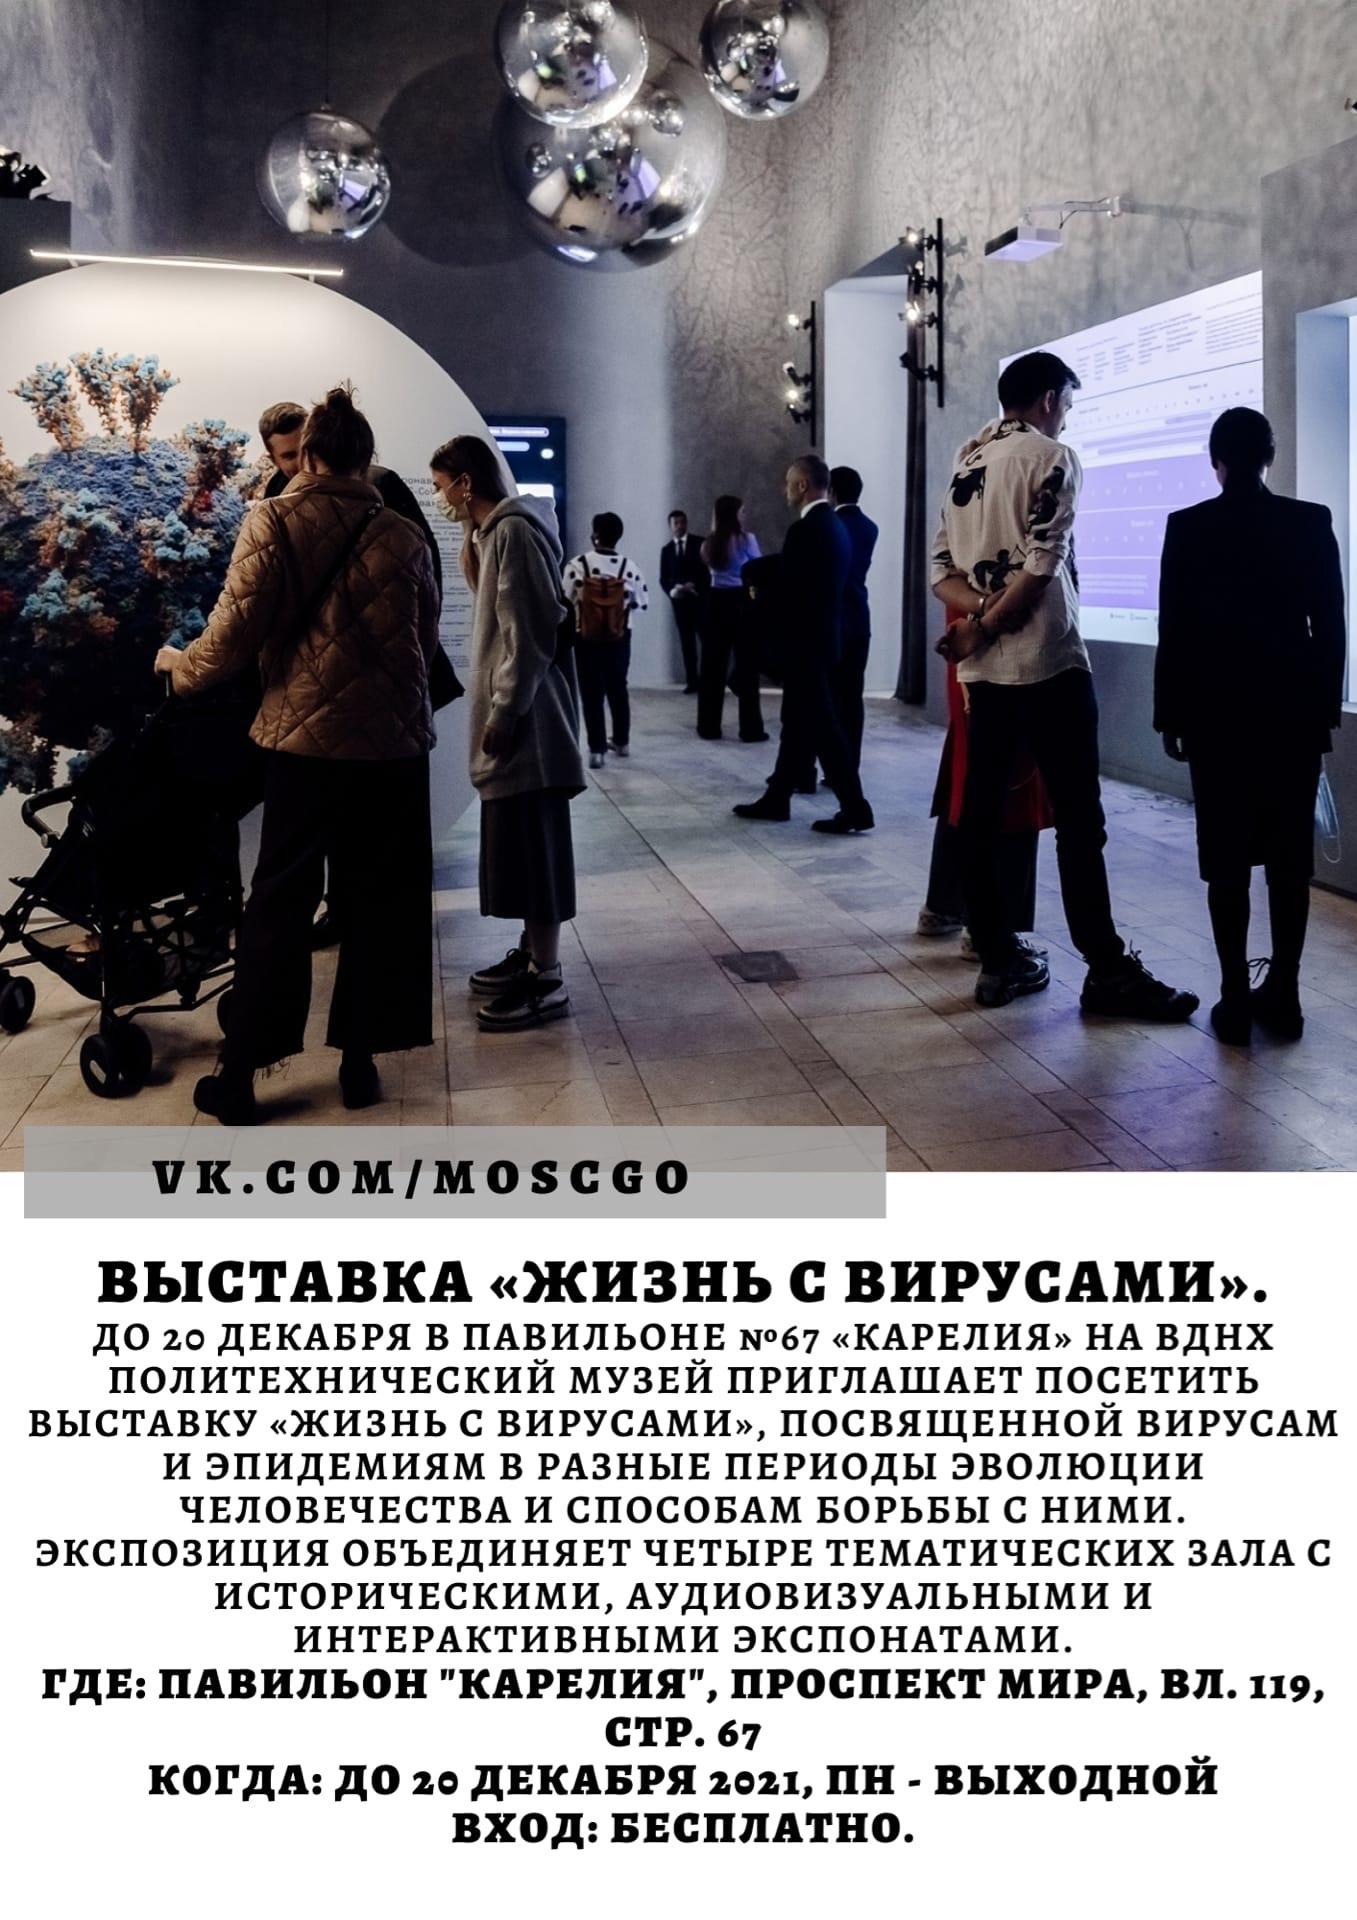 Пост Москвича номер #257925